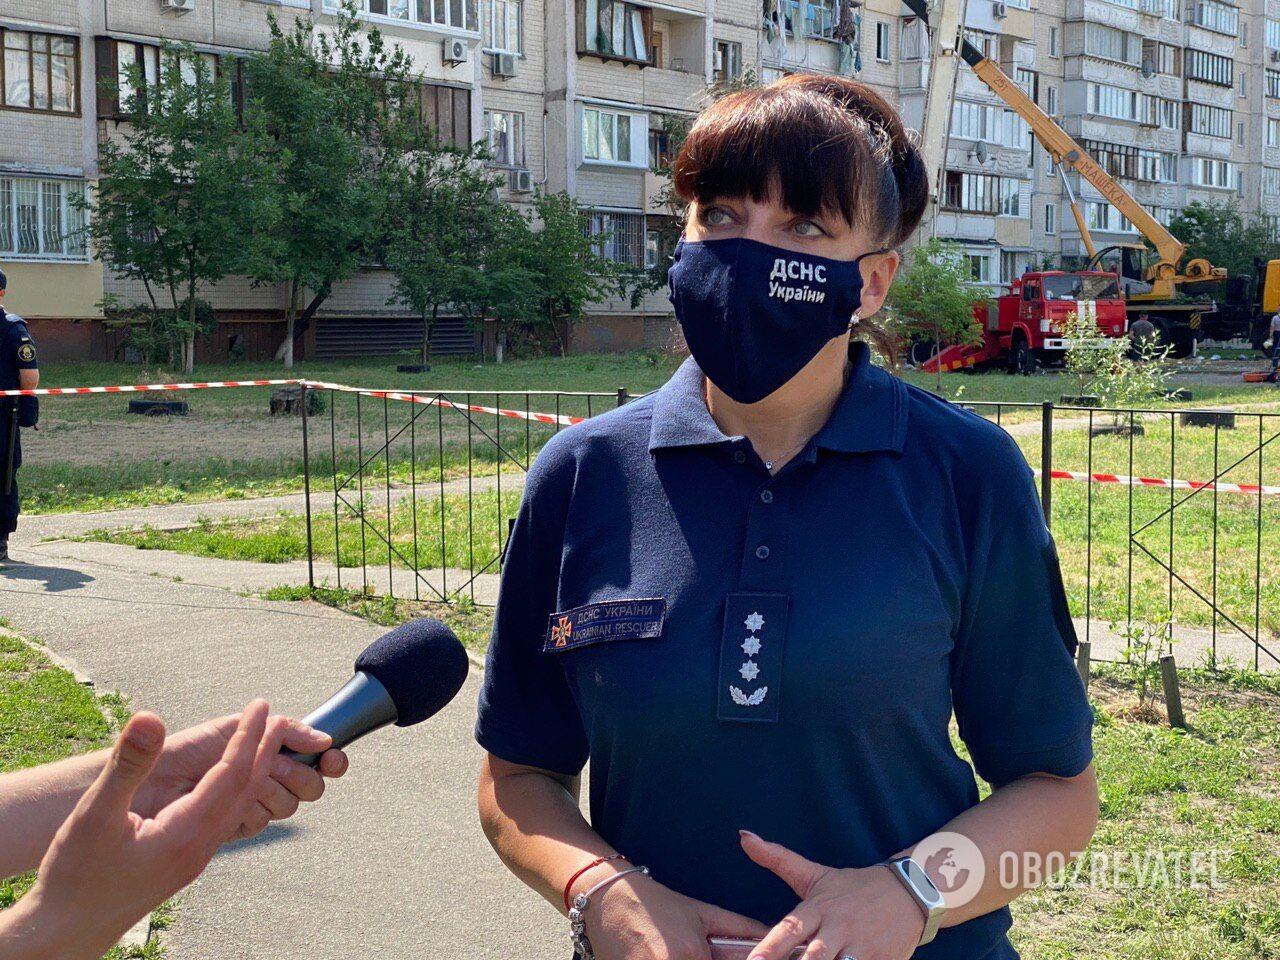 Пресс-секретарь ГУ ГСЧС Украины в городе Киеве Светлана Водолага дала комментарий о взрыве дома в столице